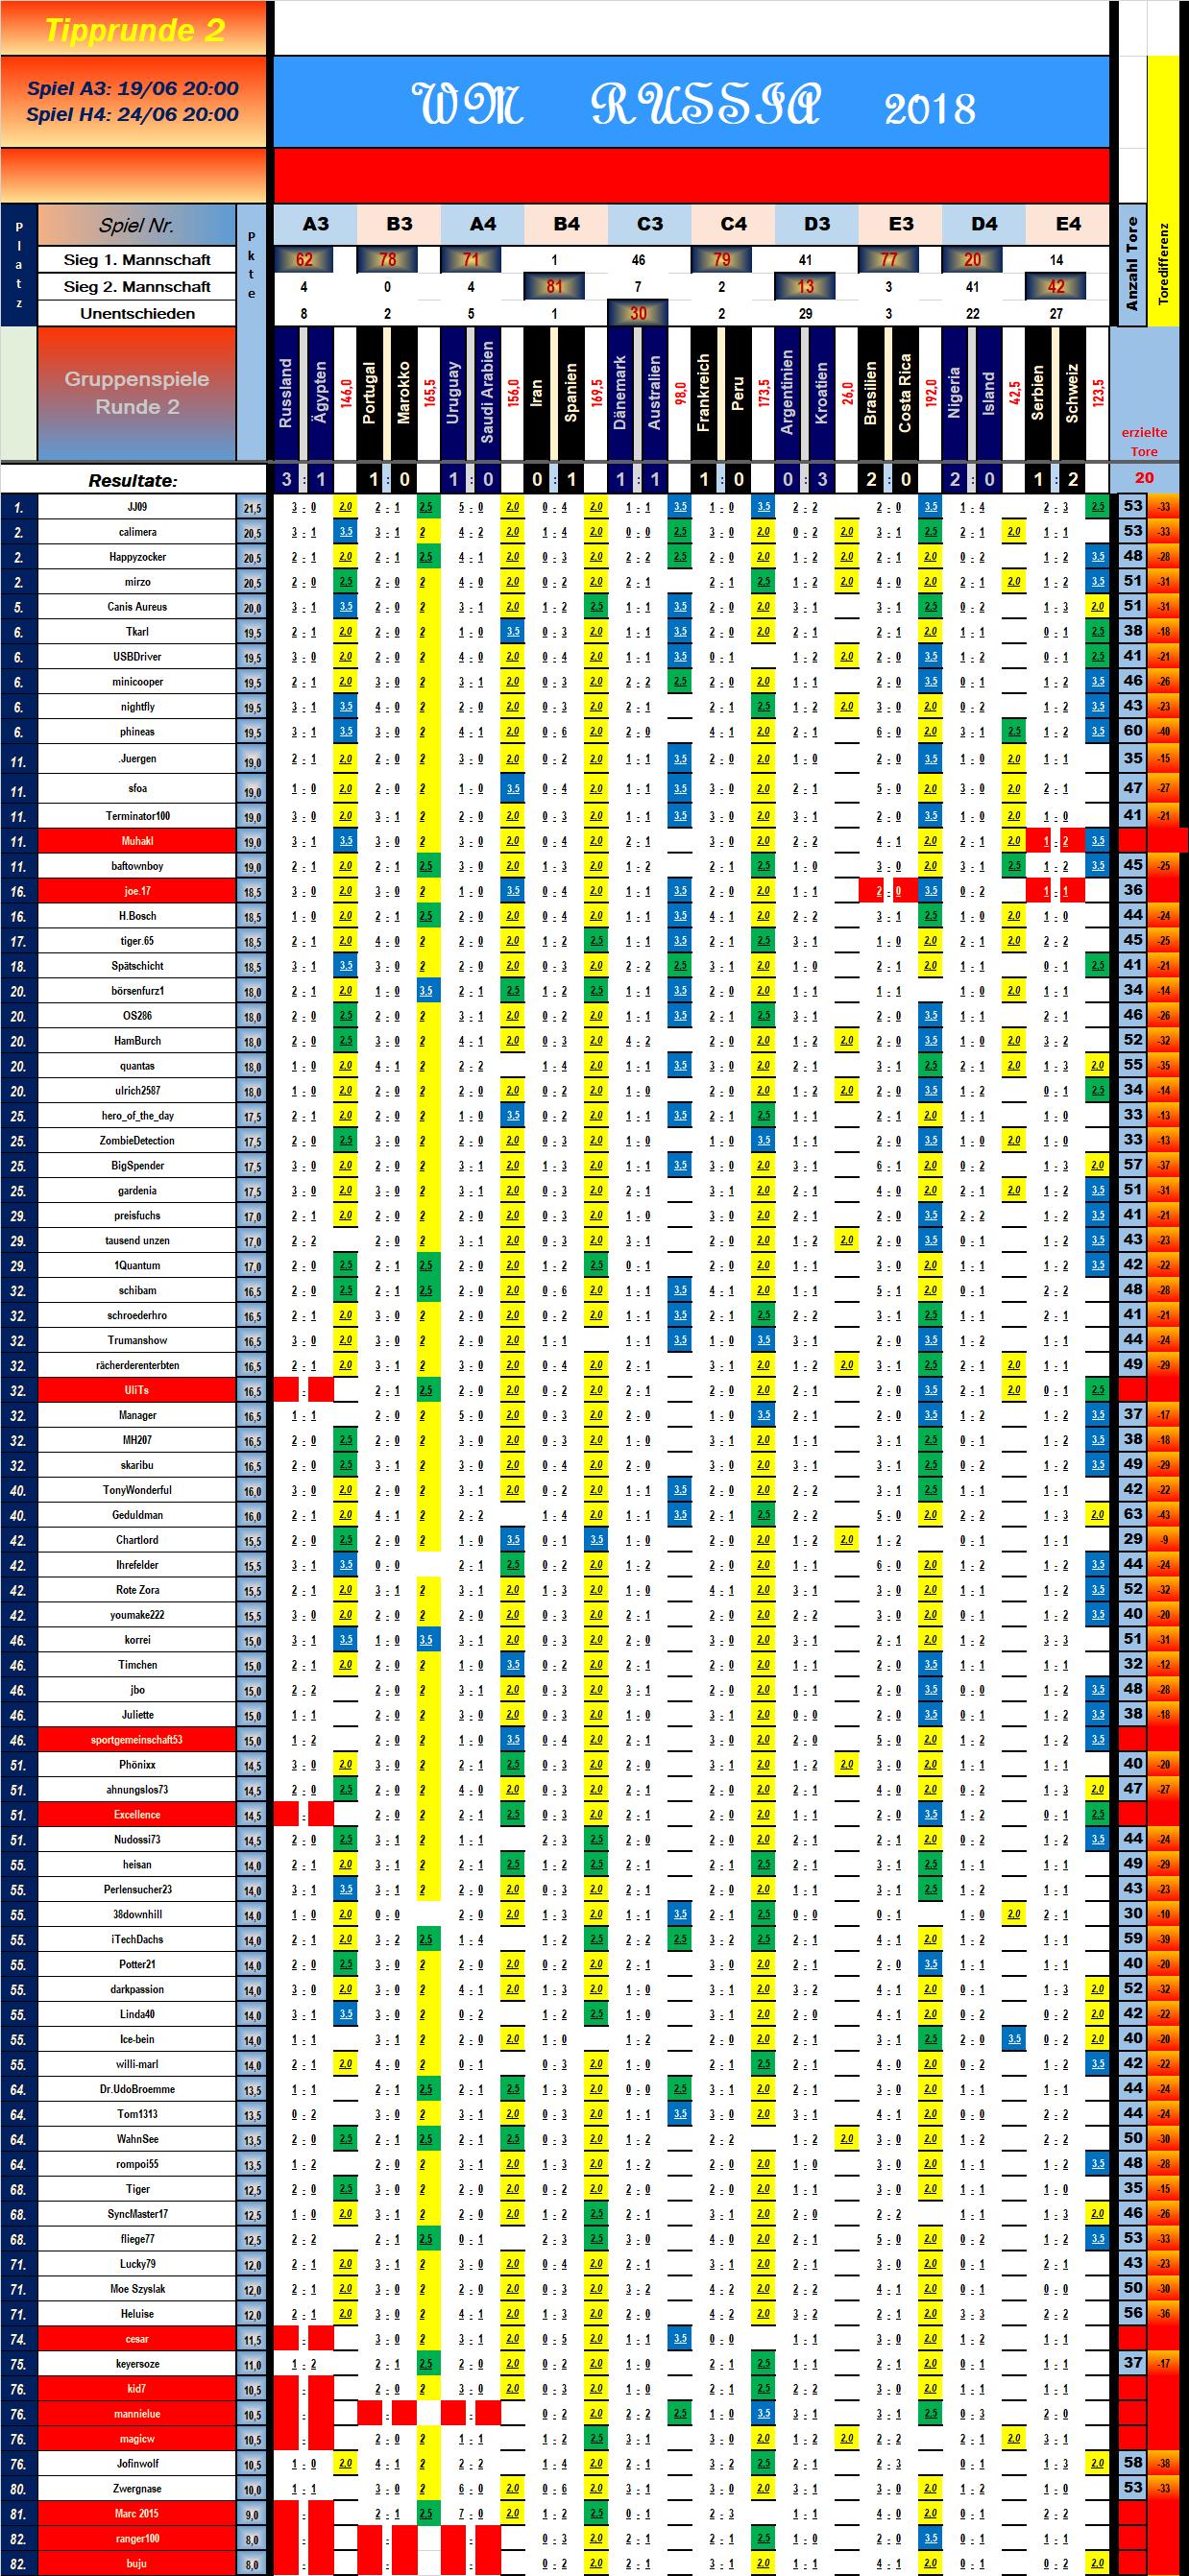 tabelle_vorrunde_2_spiel_10.png